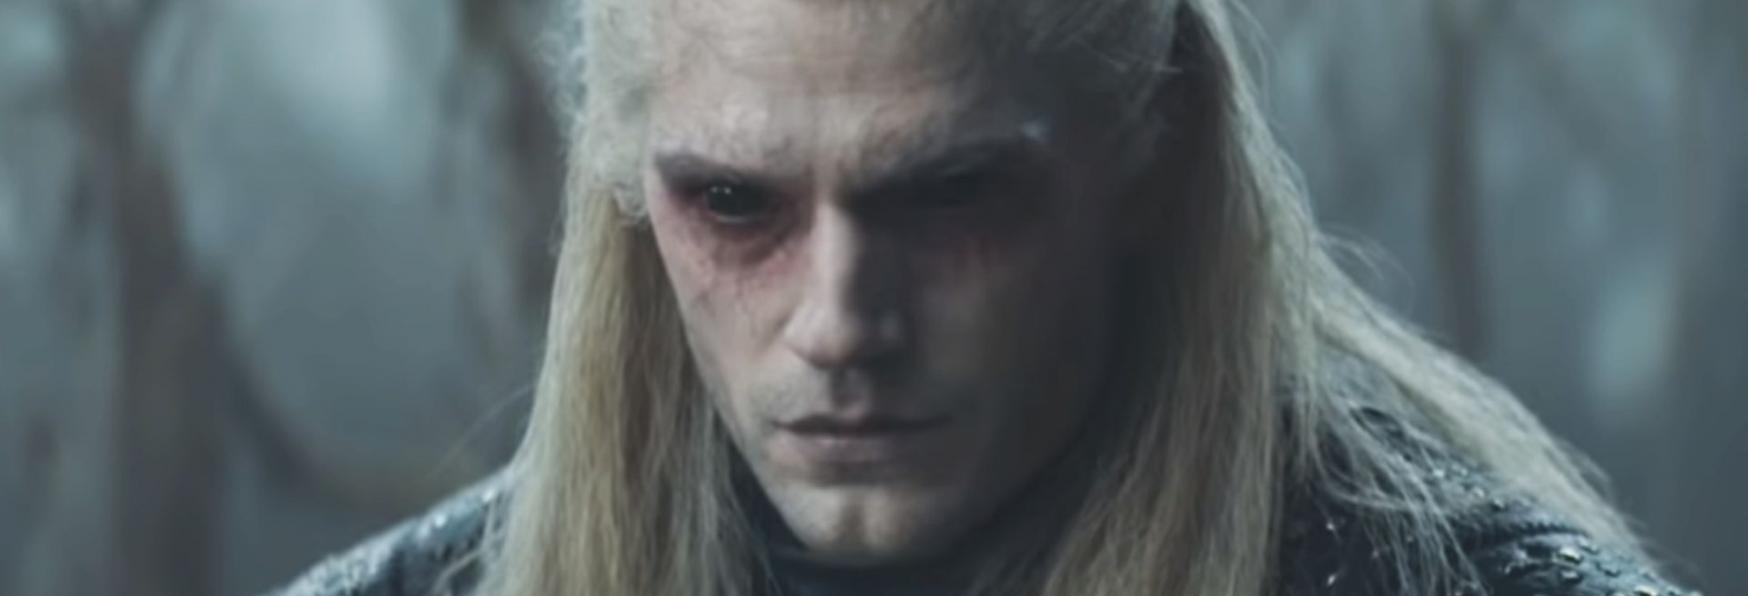 The Witcher: alcune Scene Inedite sono state mostrate al MCM London